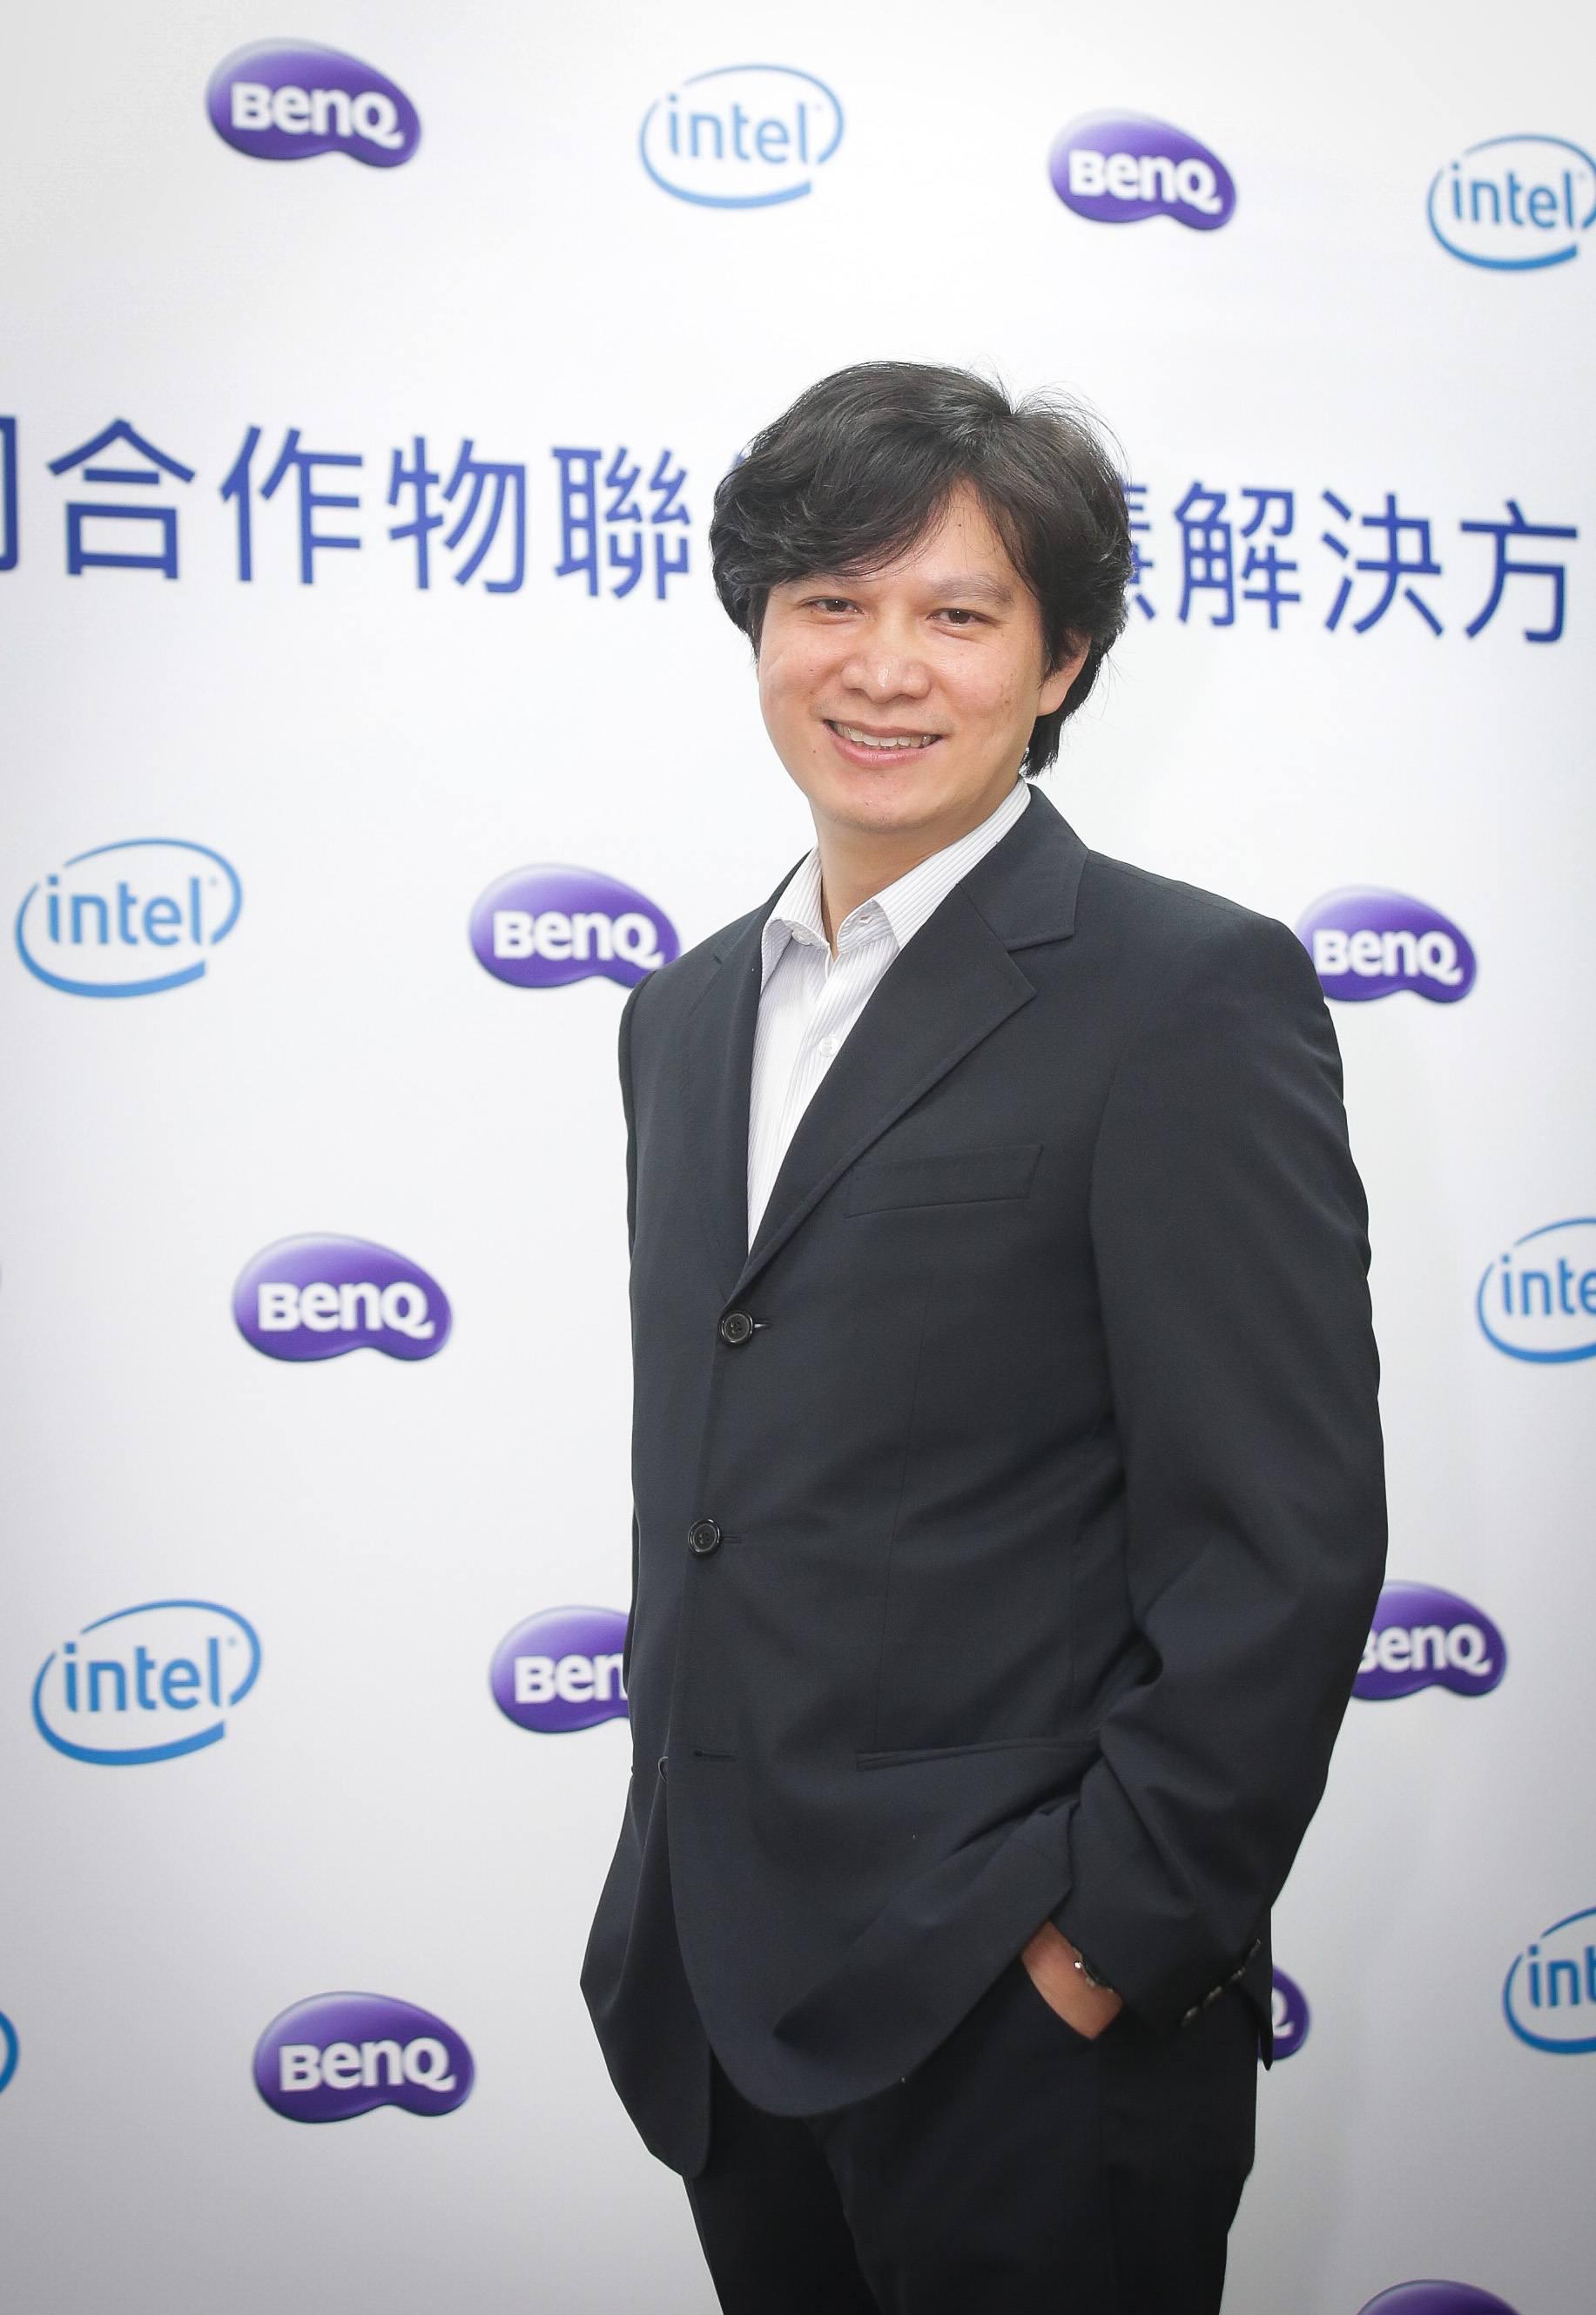 英特爾與明基智能共同合作物聯網六大智慧解決方案 | Intel 臺灣新聞頻道